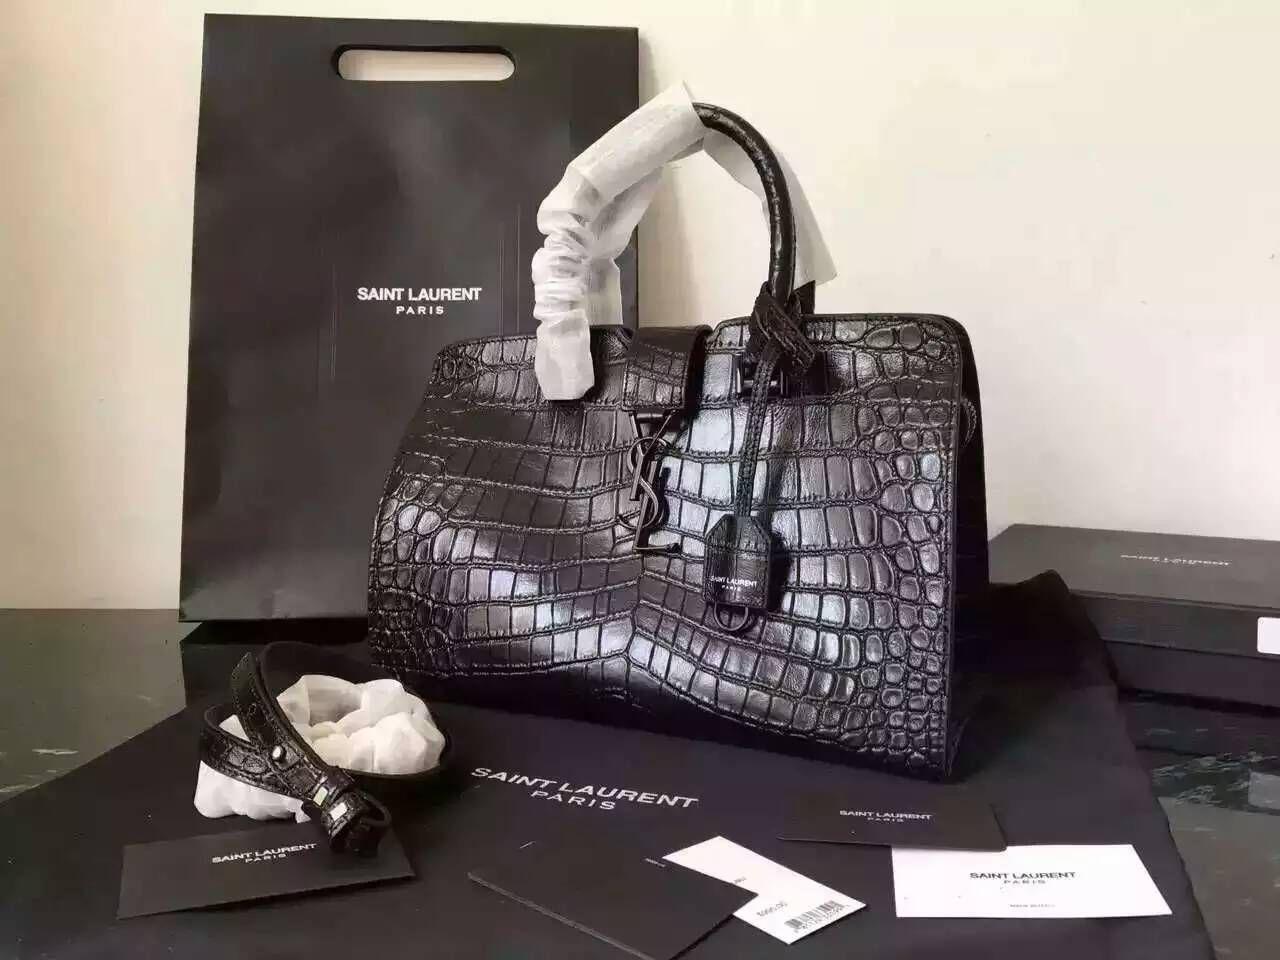 e0ce749080927 S S 2016 New Saint Laurent Bag Cheap Sale-Saint Laurent Small Monogram Cabas  Bag in Black Crocodile Embossed Leather